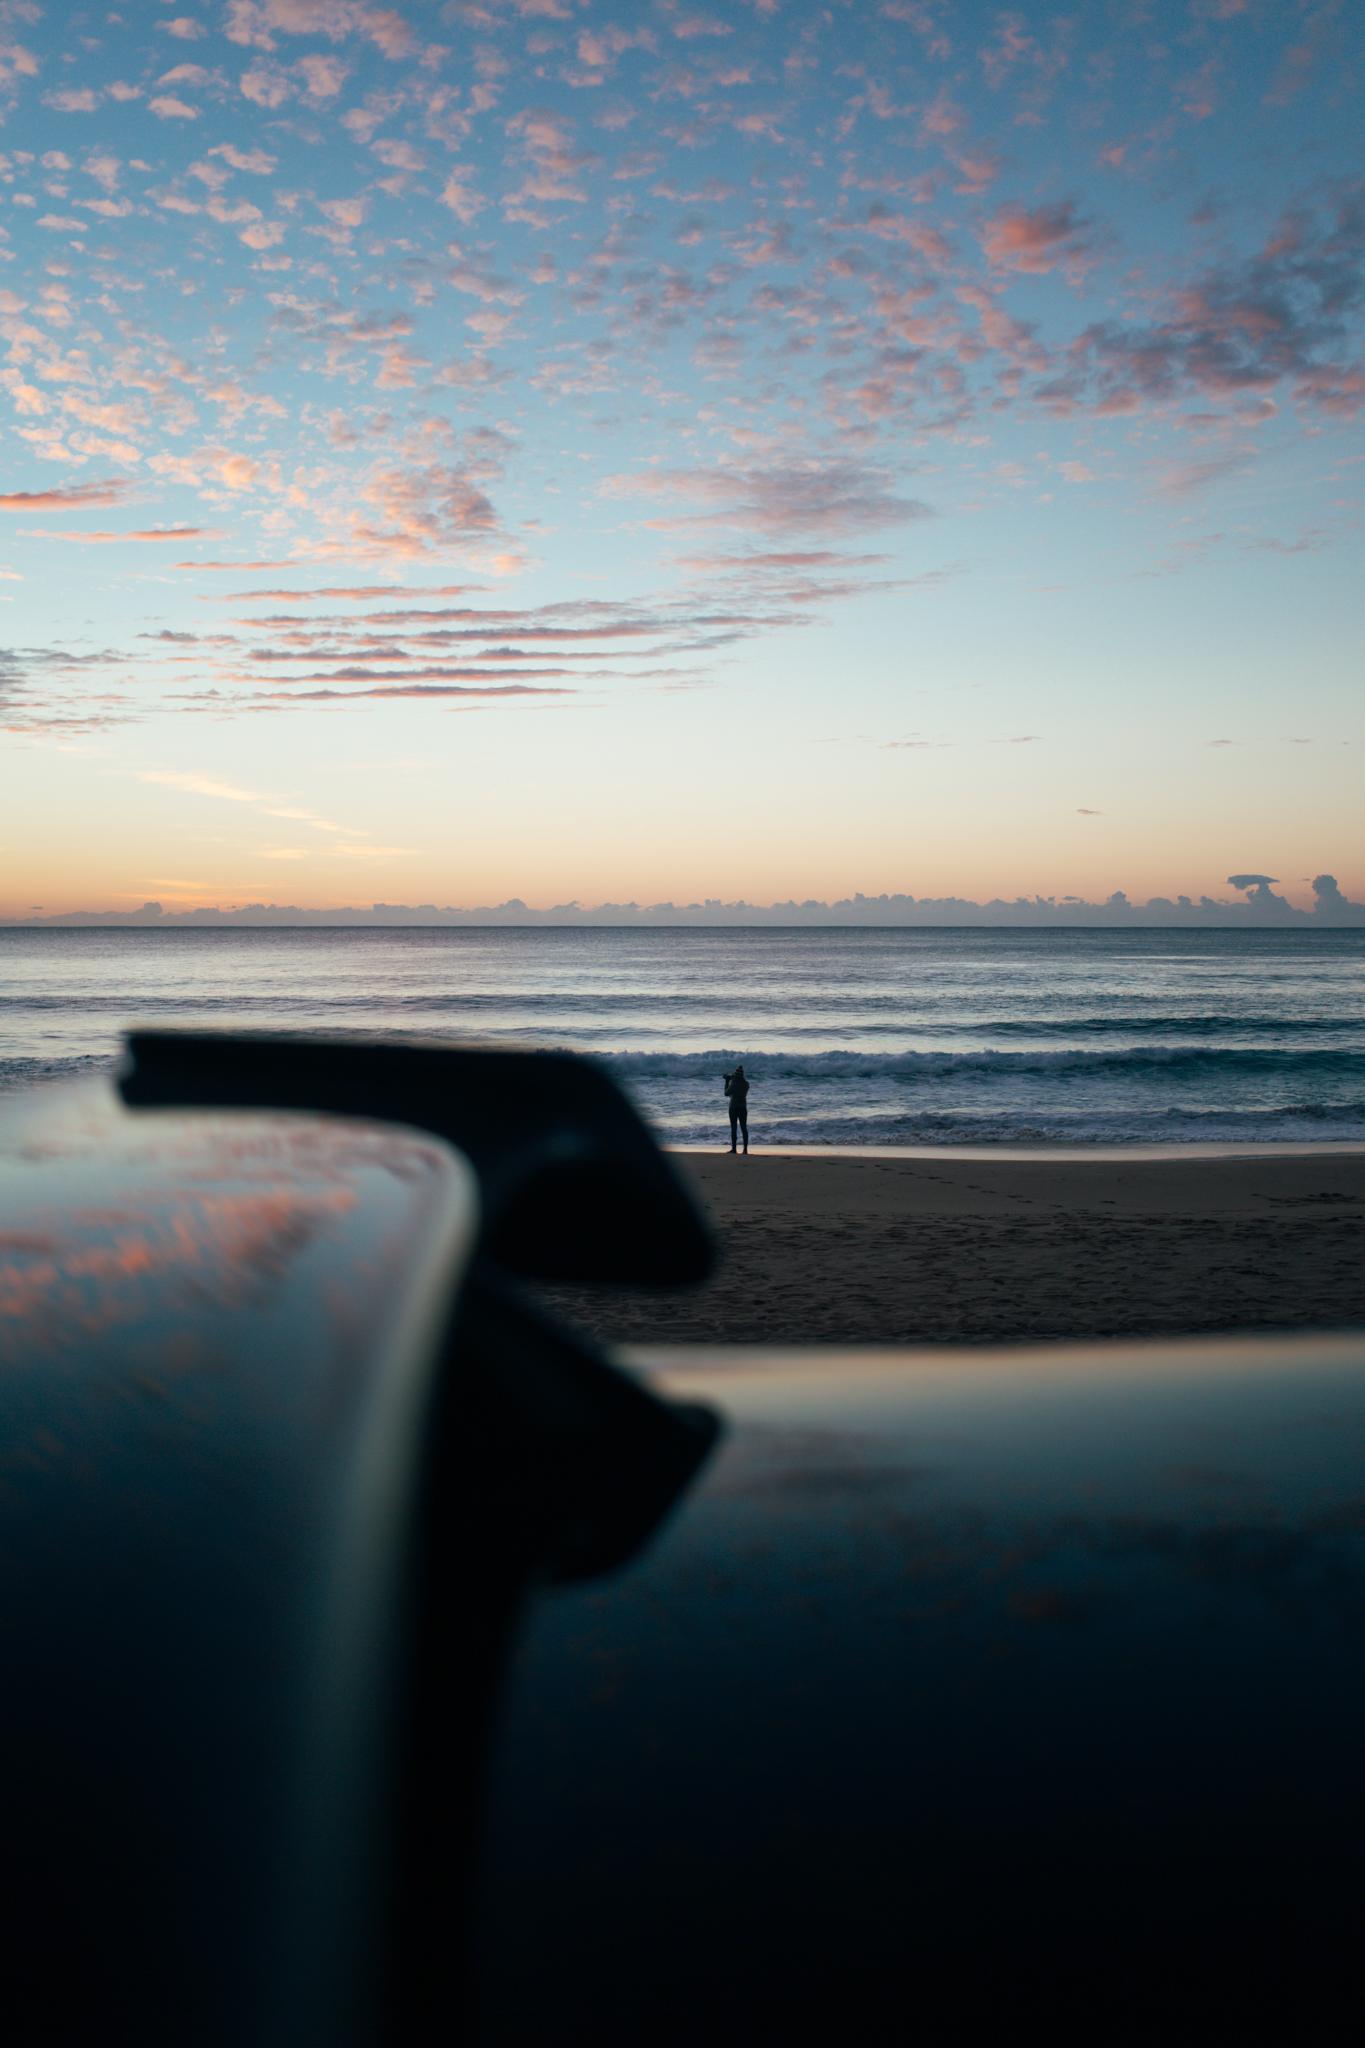 Stay_Driven_Palm_Beach_BH_M-3.jpg